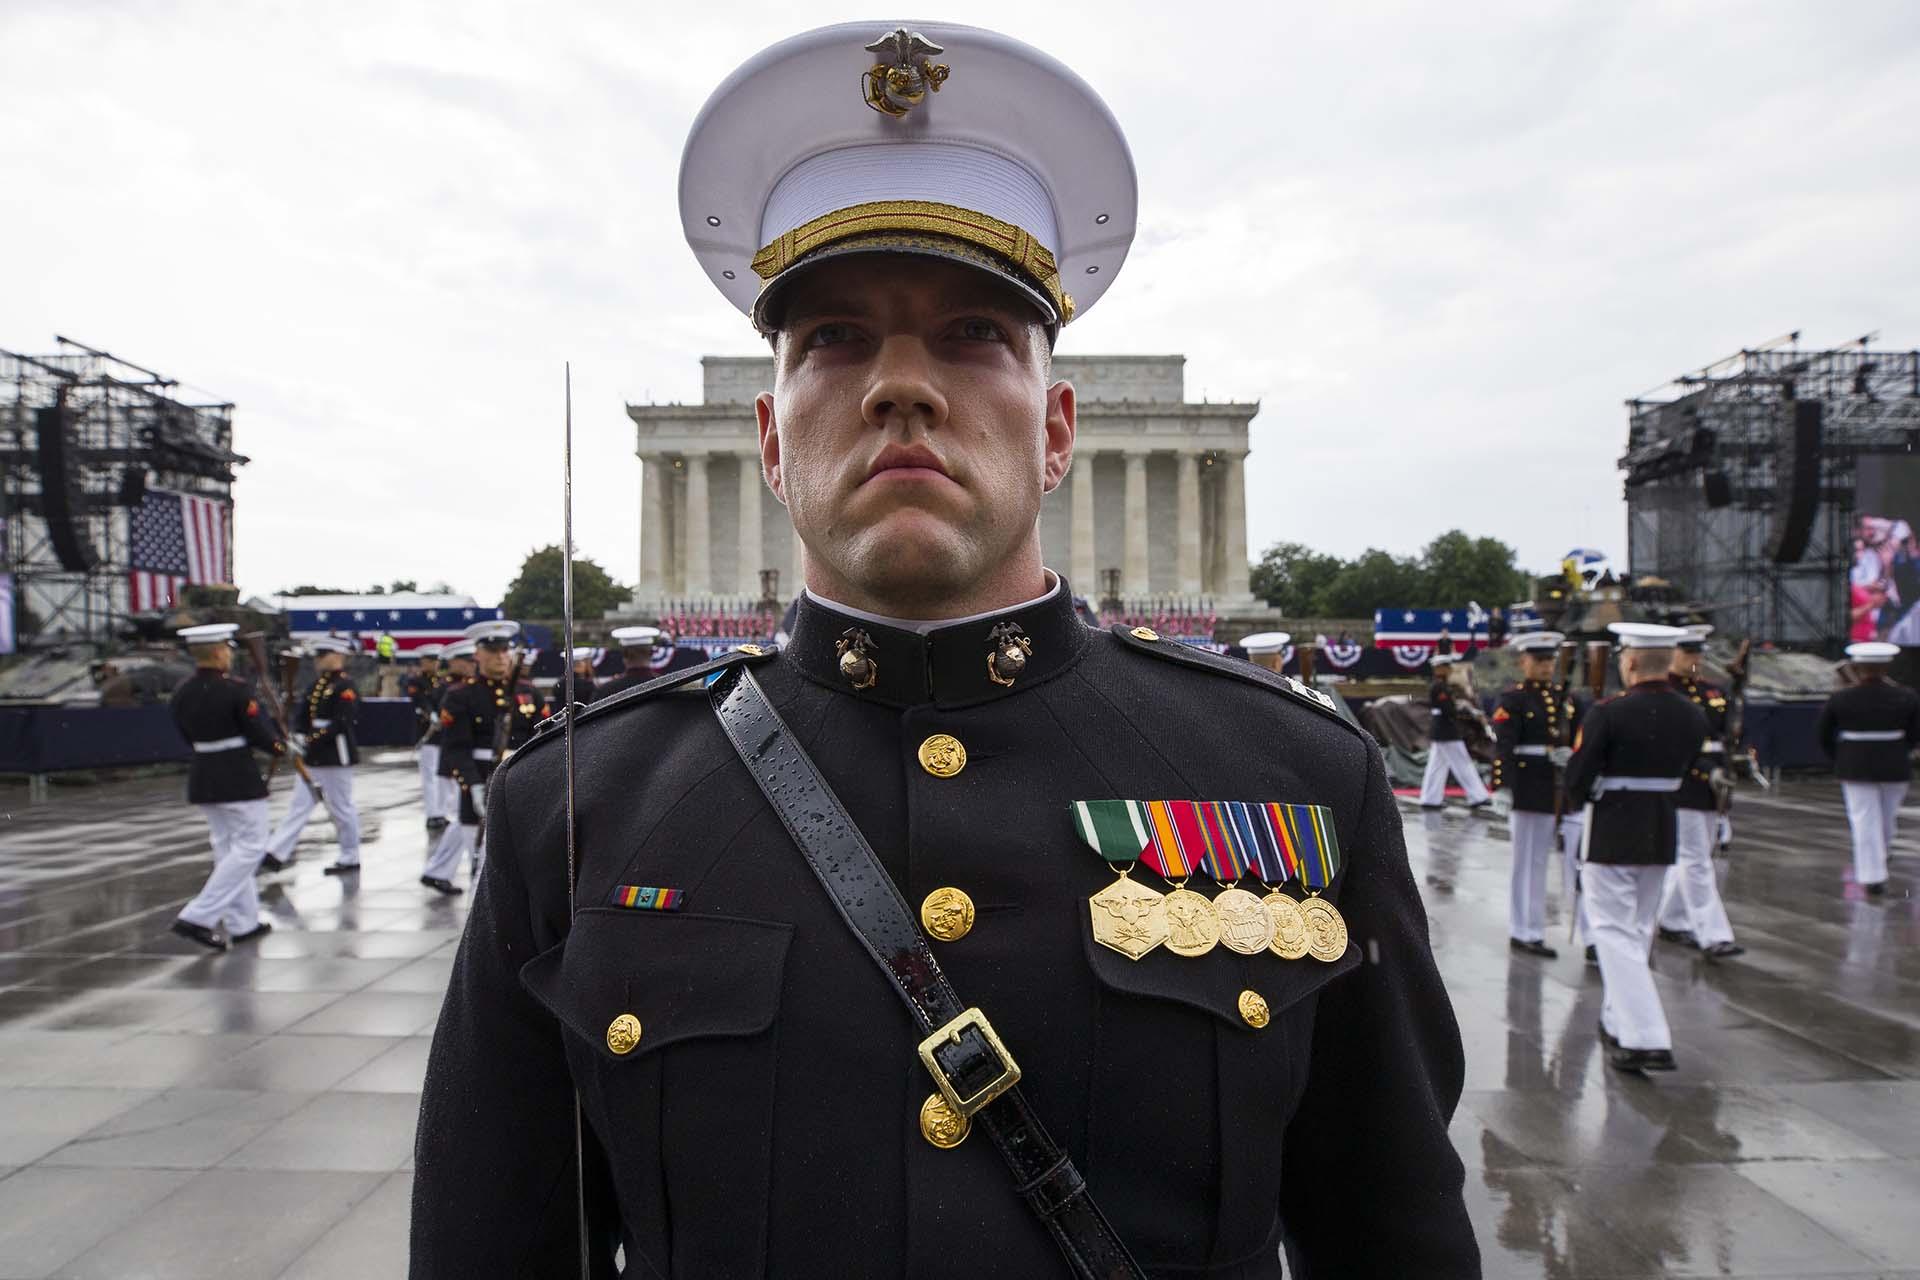 El Pelotón de Simulacros Silenciosos del Cuerpo de la Marina de los EEUU también hizo presencia en el acto